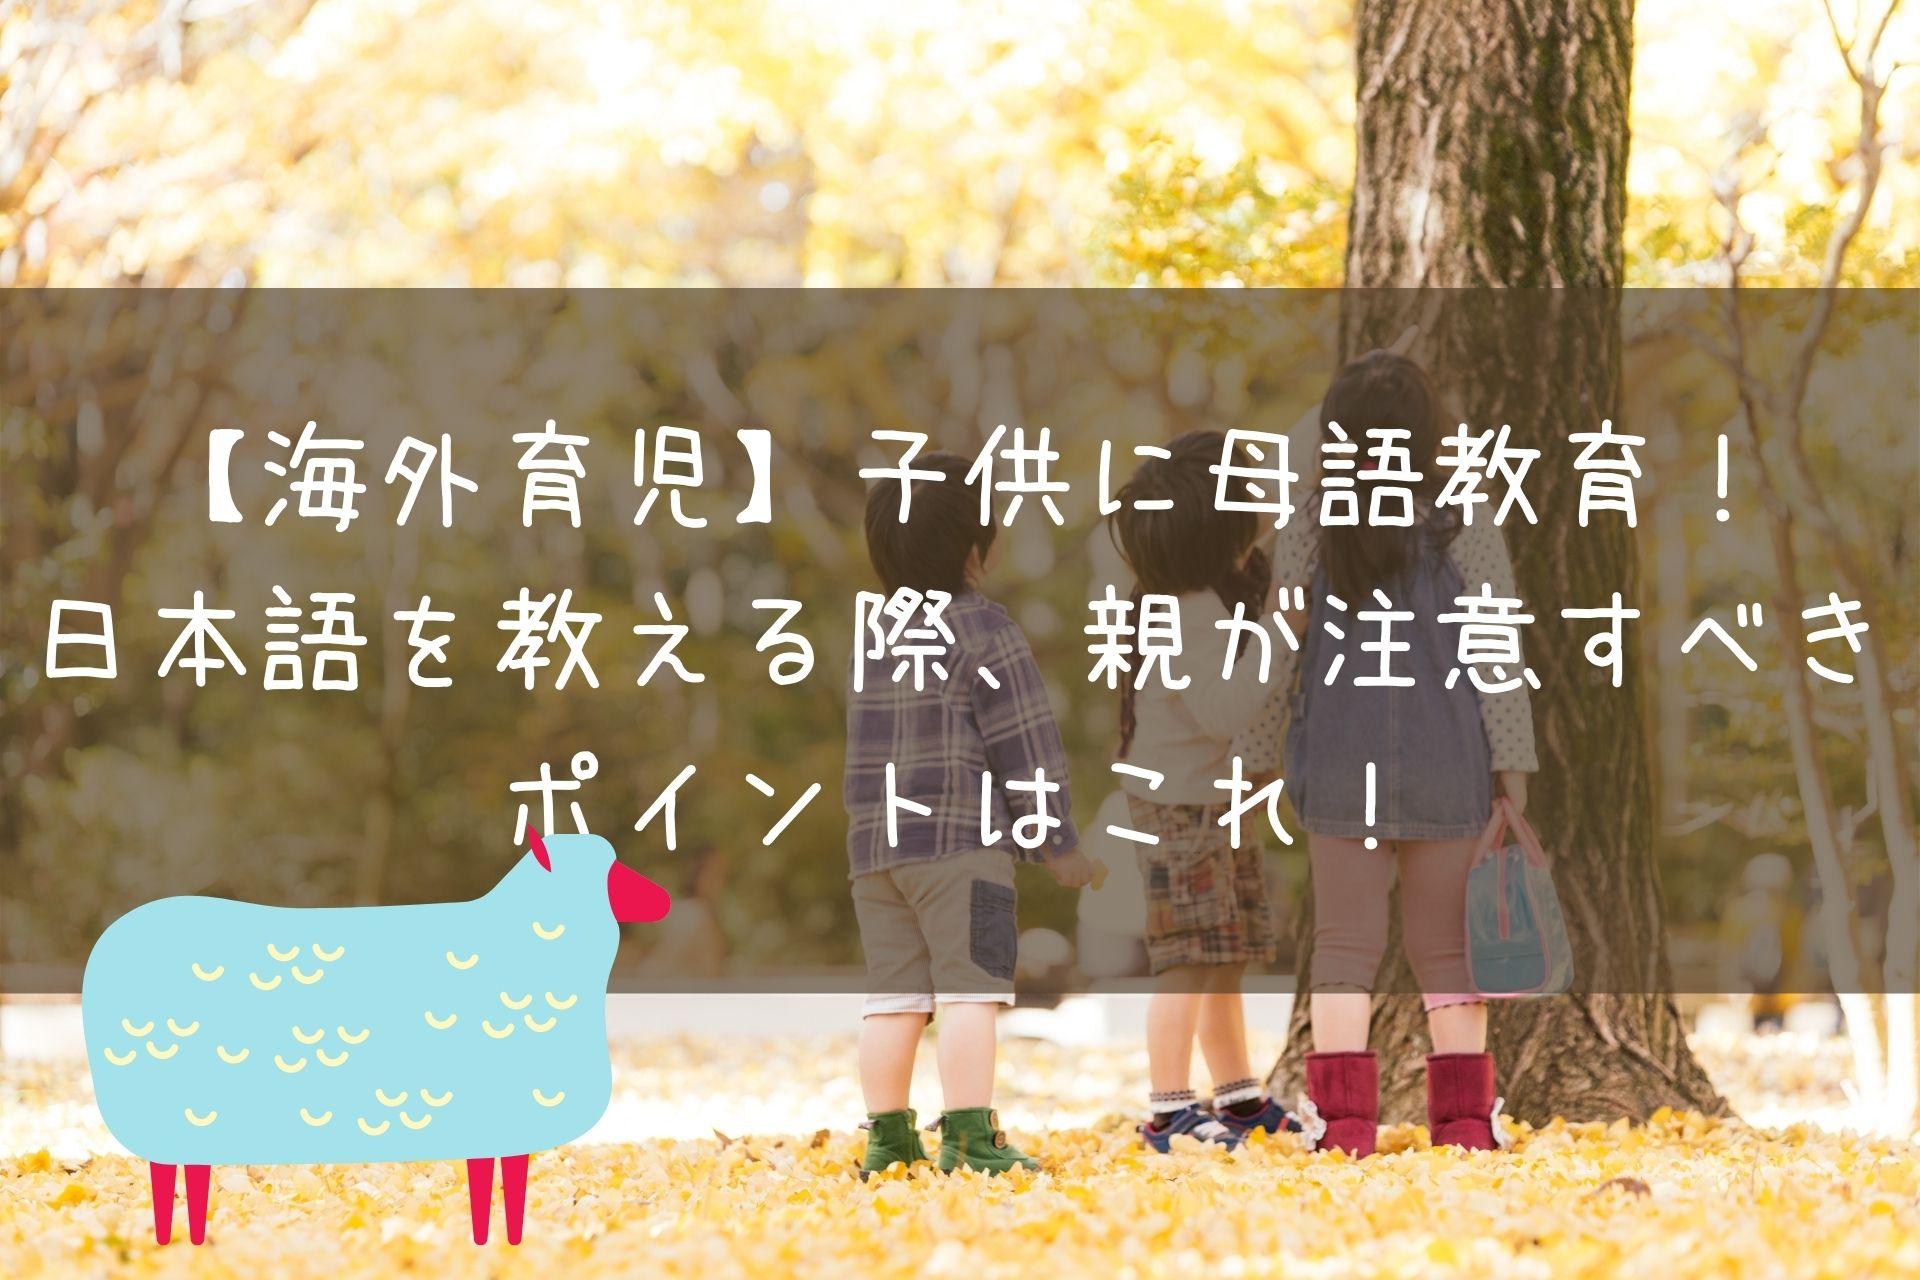 【海外育児】子どもに母語教育!日本語を教える際、親が注意すべきポイントはこれ!